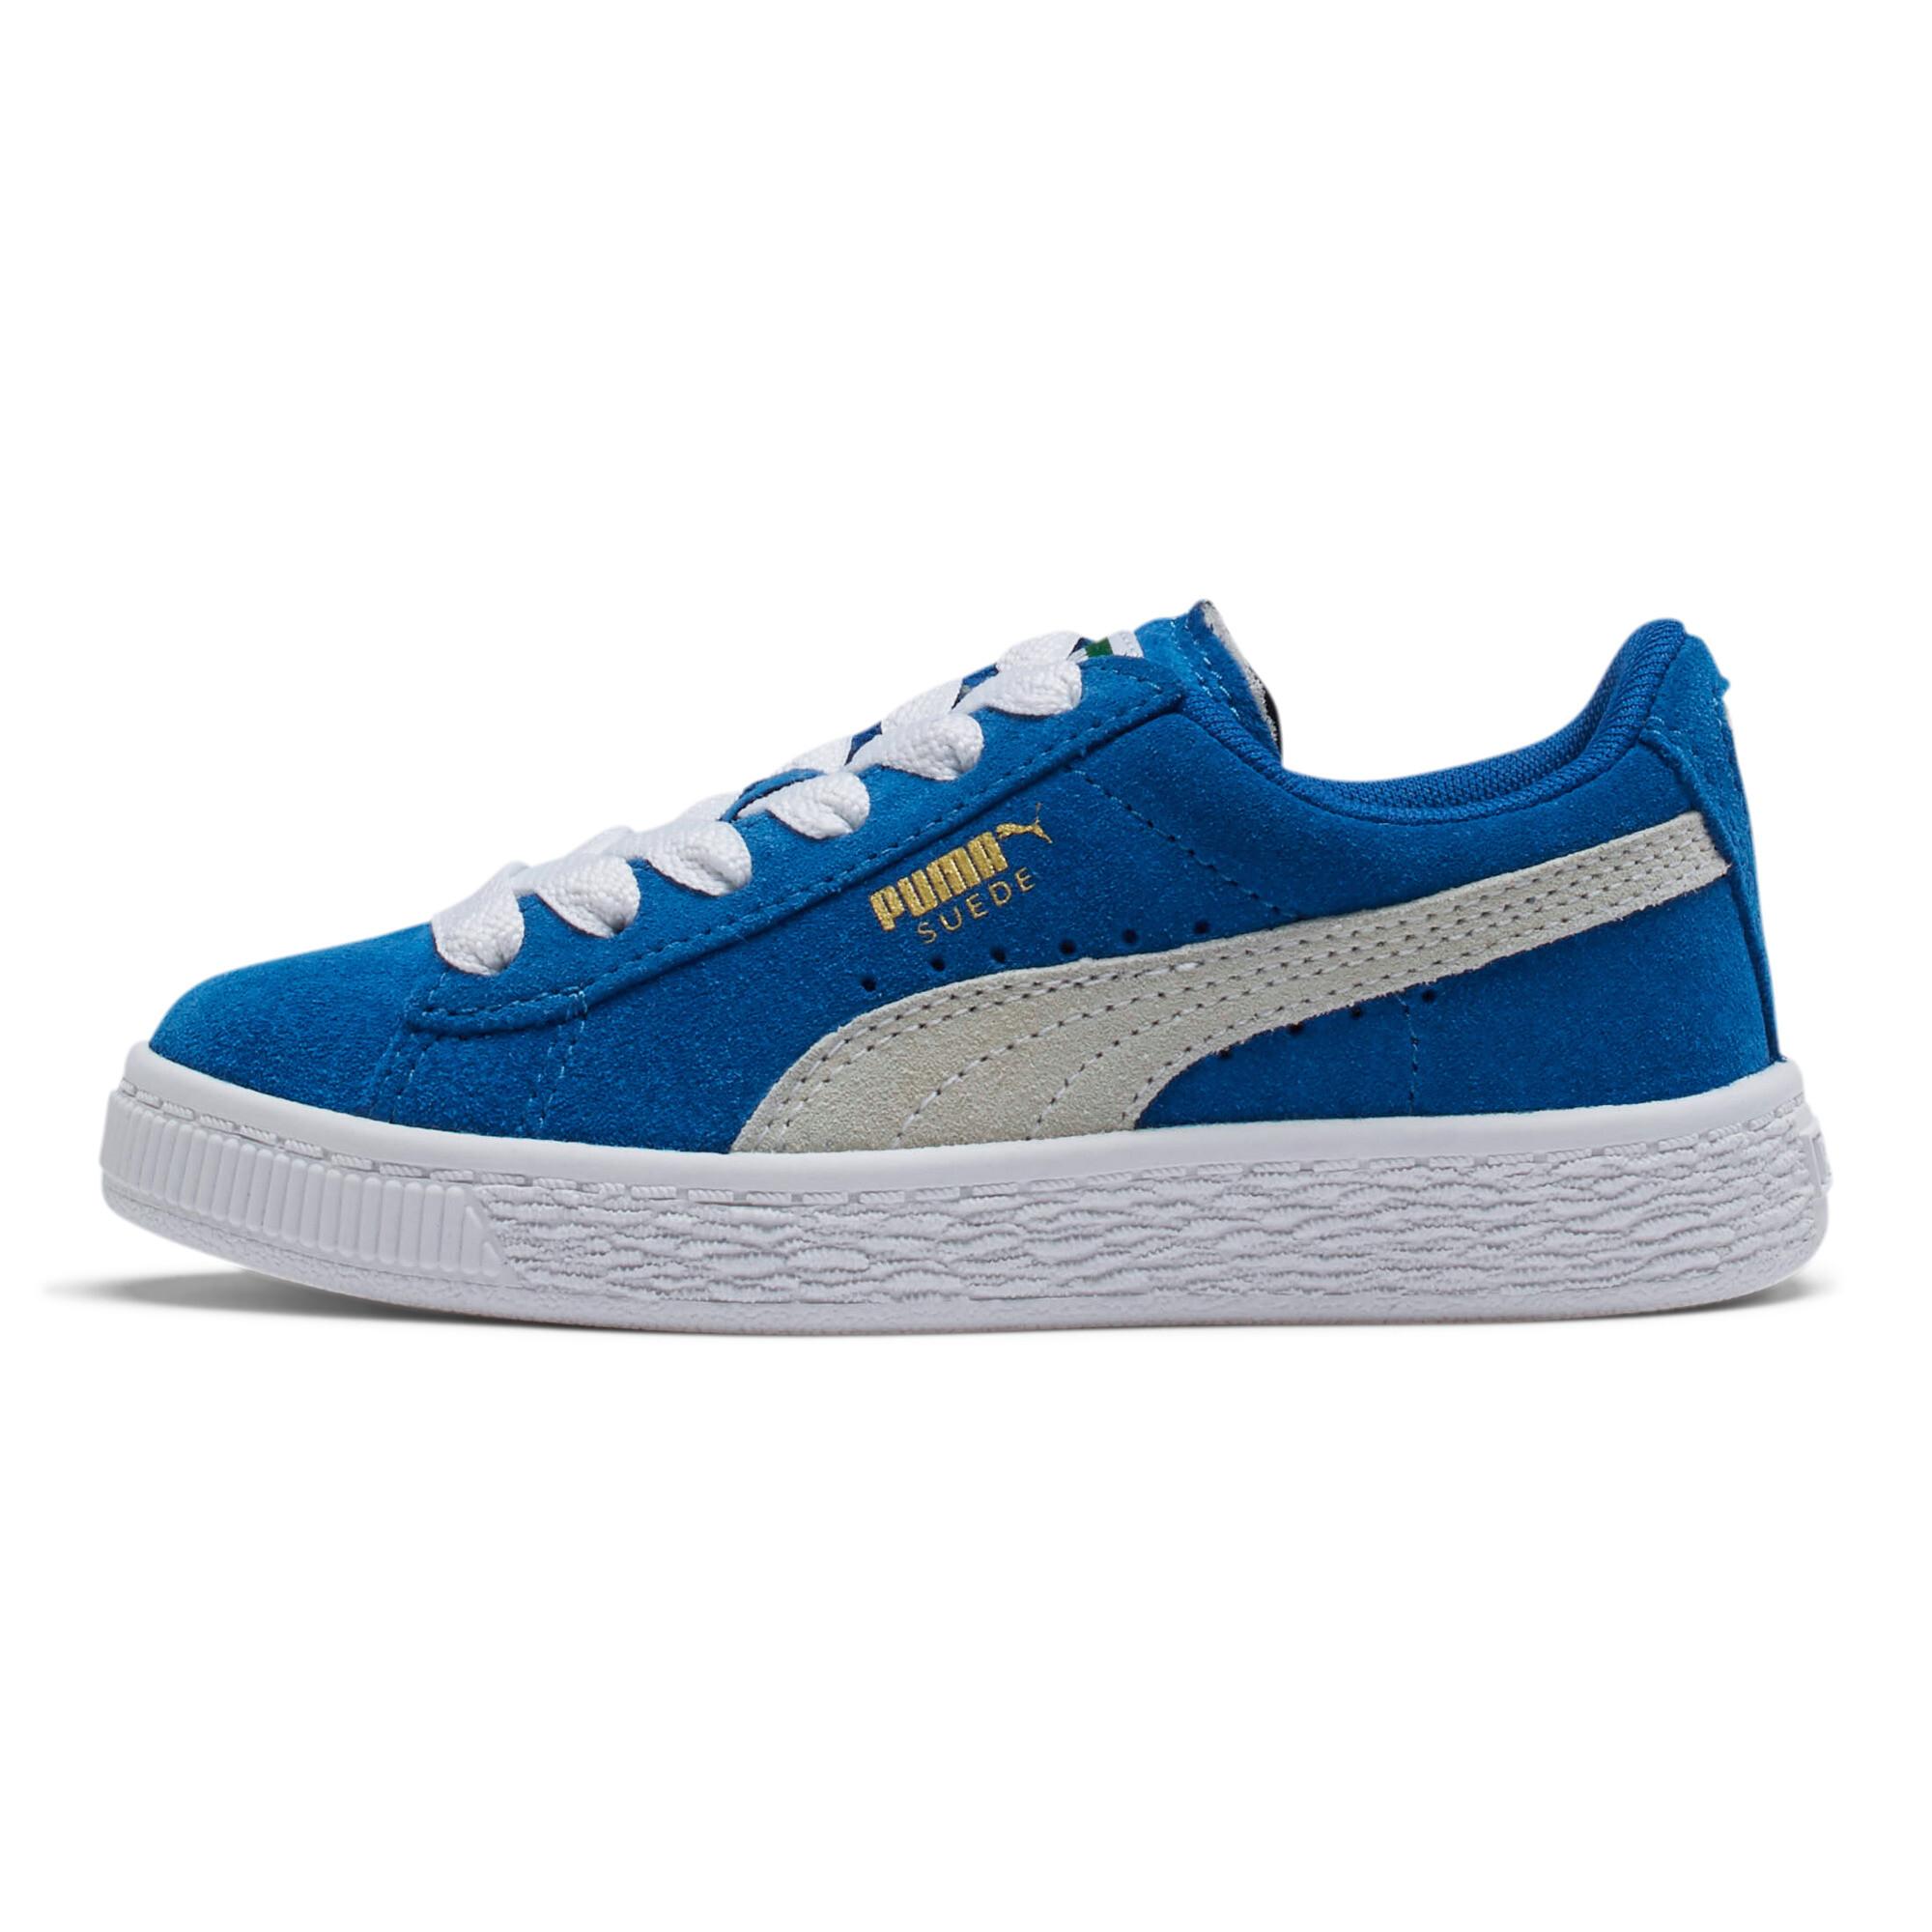 PUMA-Suede-Little-Kids-039-Shoes-Kids-Shoe-Kids thumbnail 12